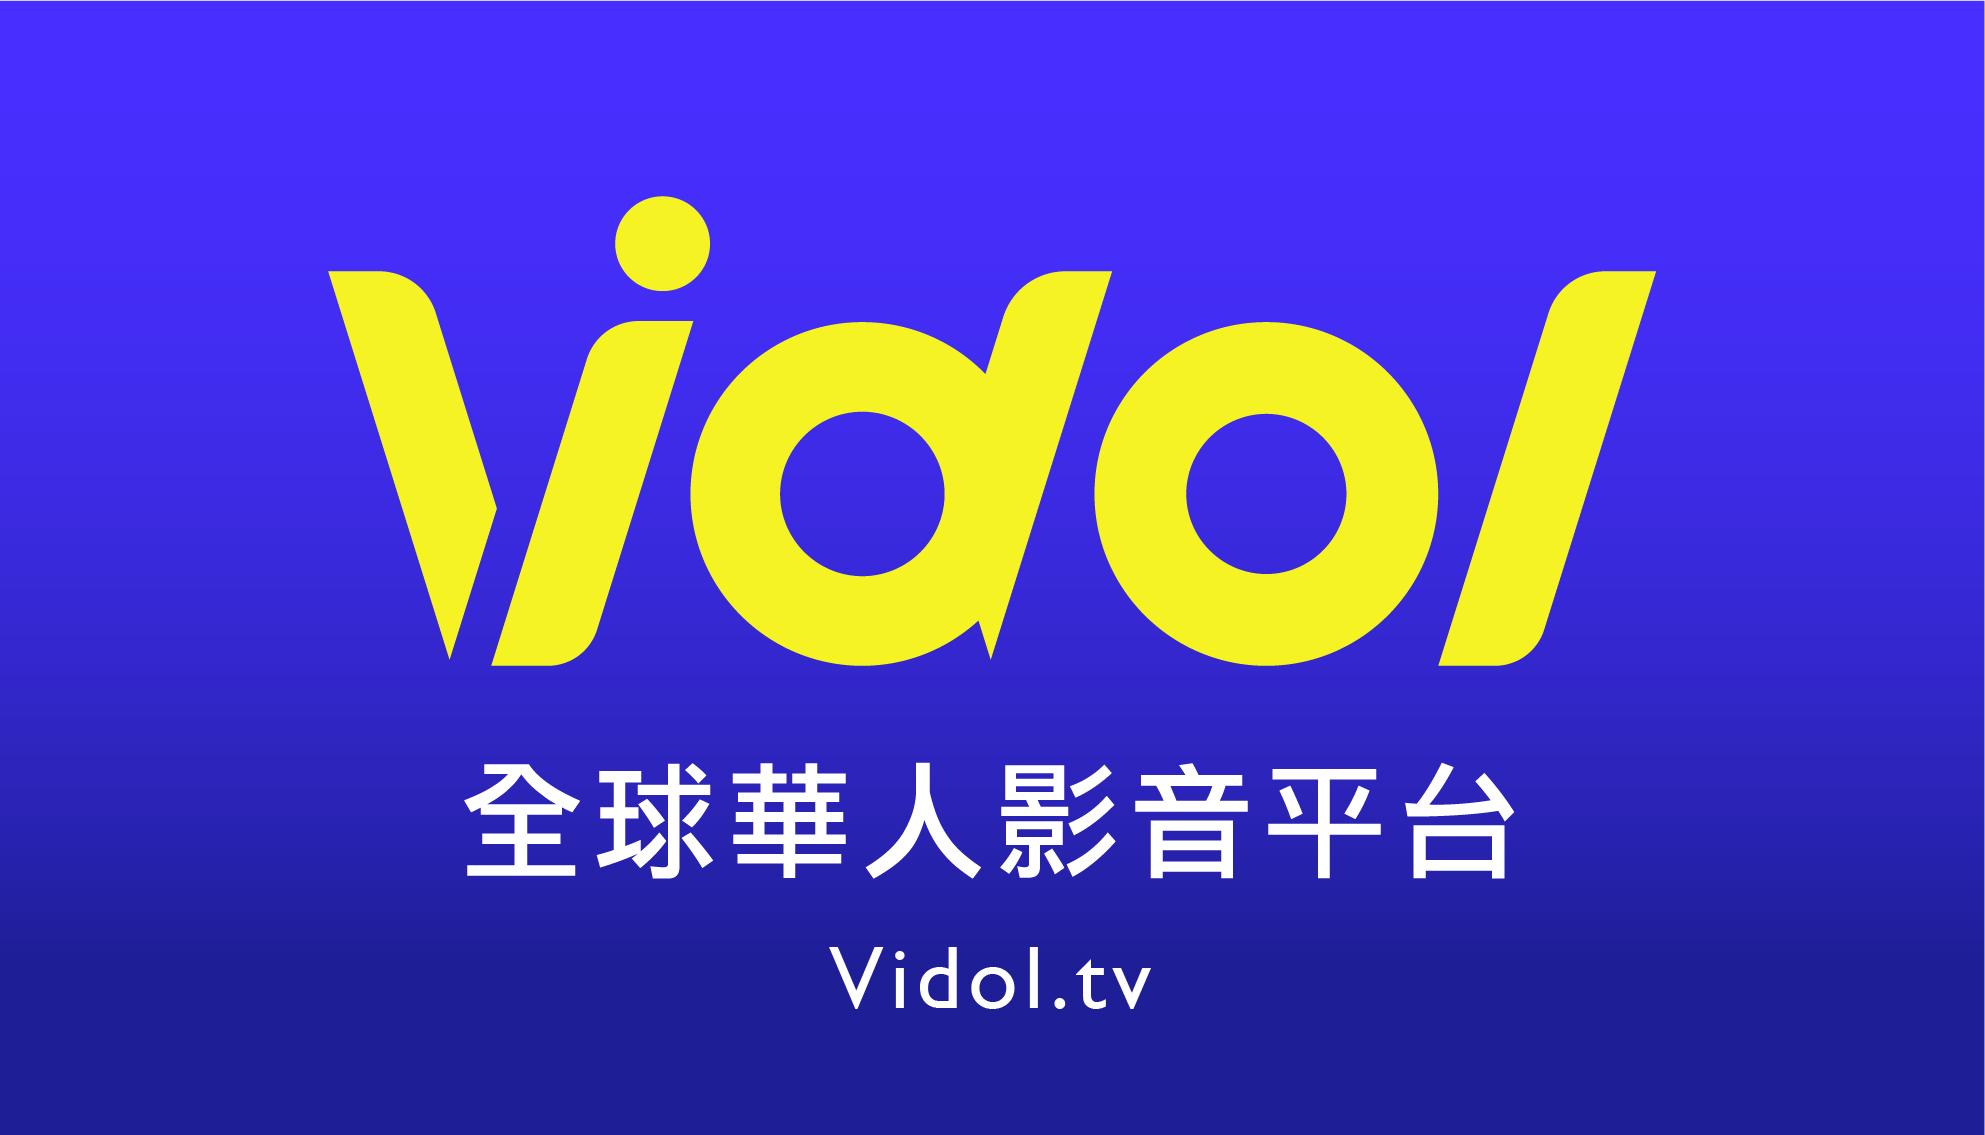 Vidol 全球華人影音平台.jpg